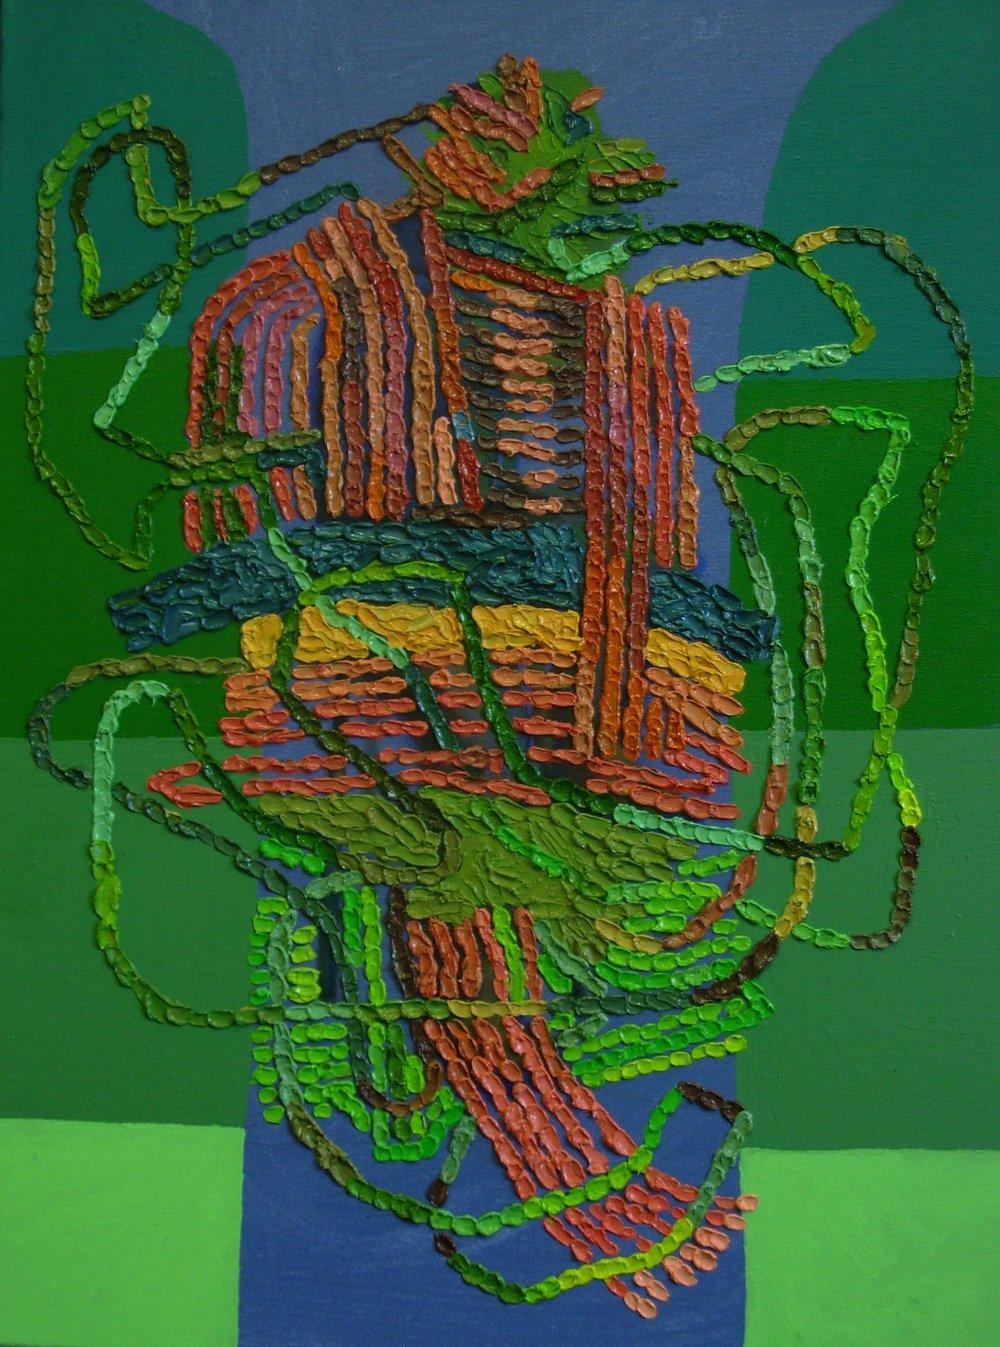 Noé Jimenez,  Gum, Grass, Debris, Water  (2012). Oil and Acrylic on Canvas.